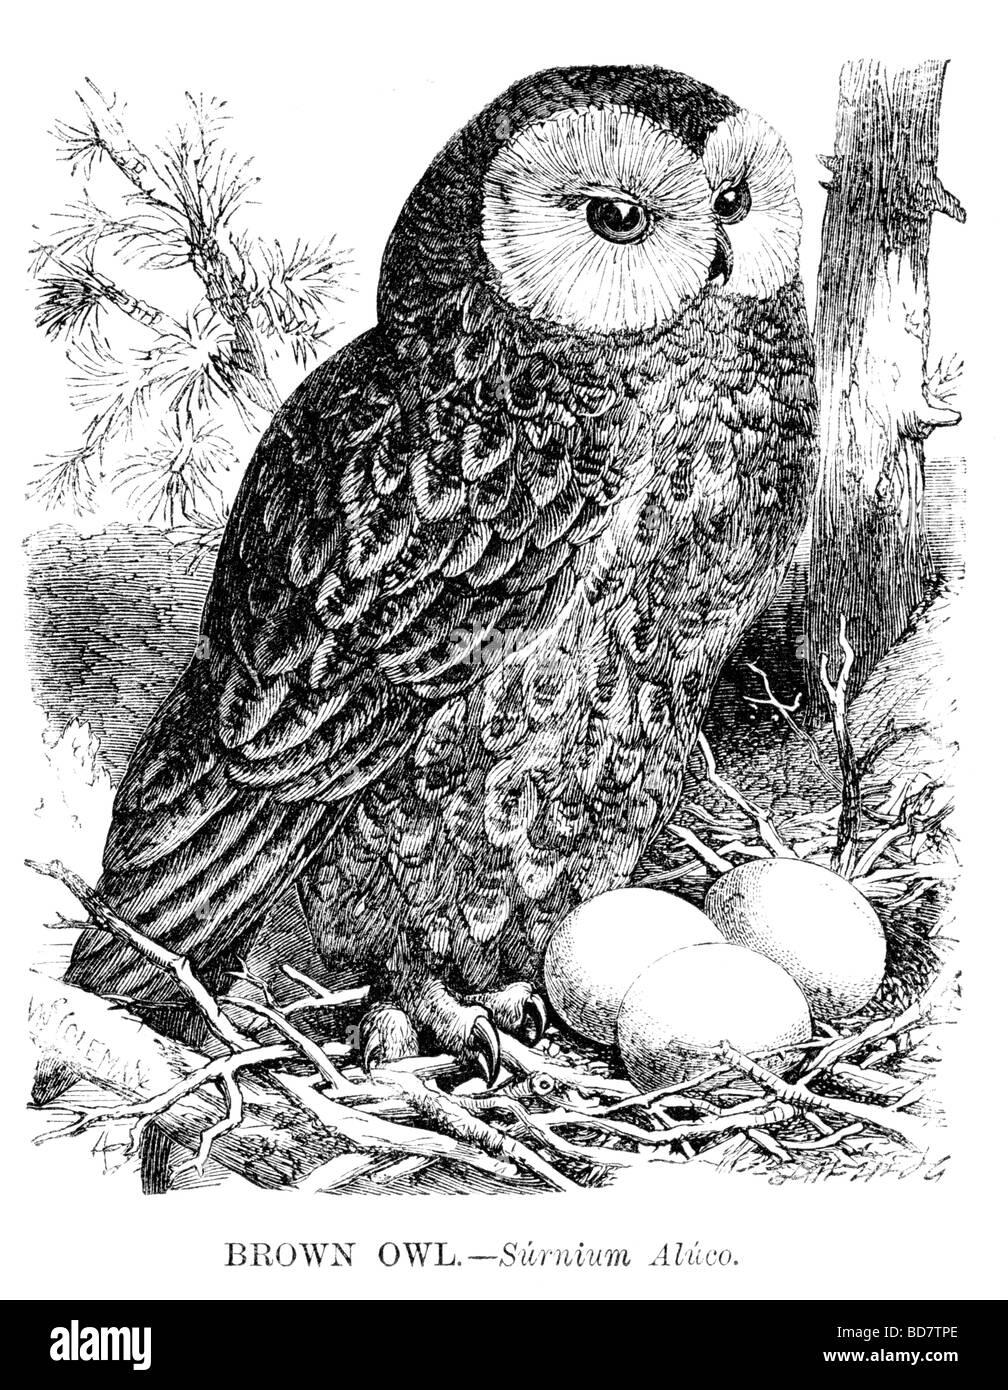 braune Eule Surnium Aluco Raubvogel Stockbild